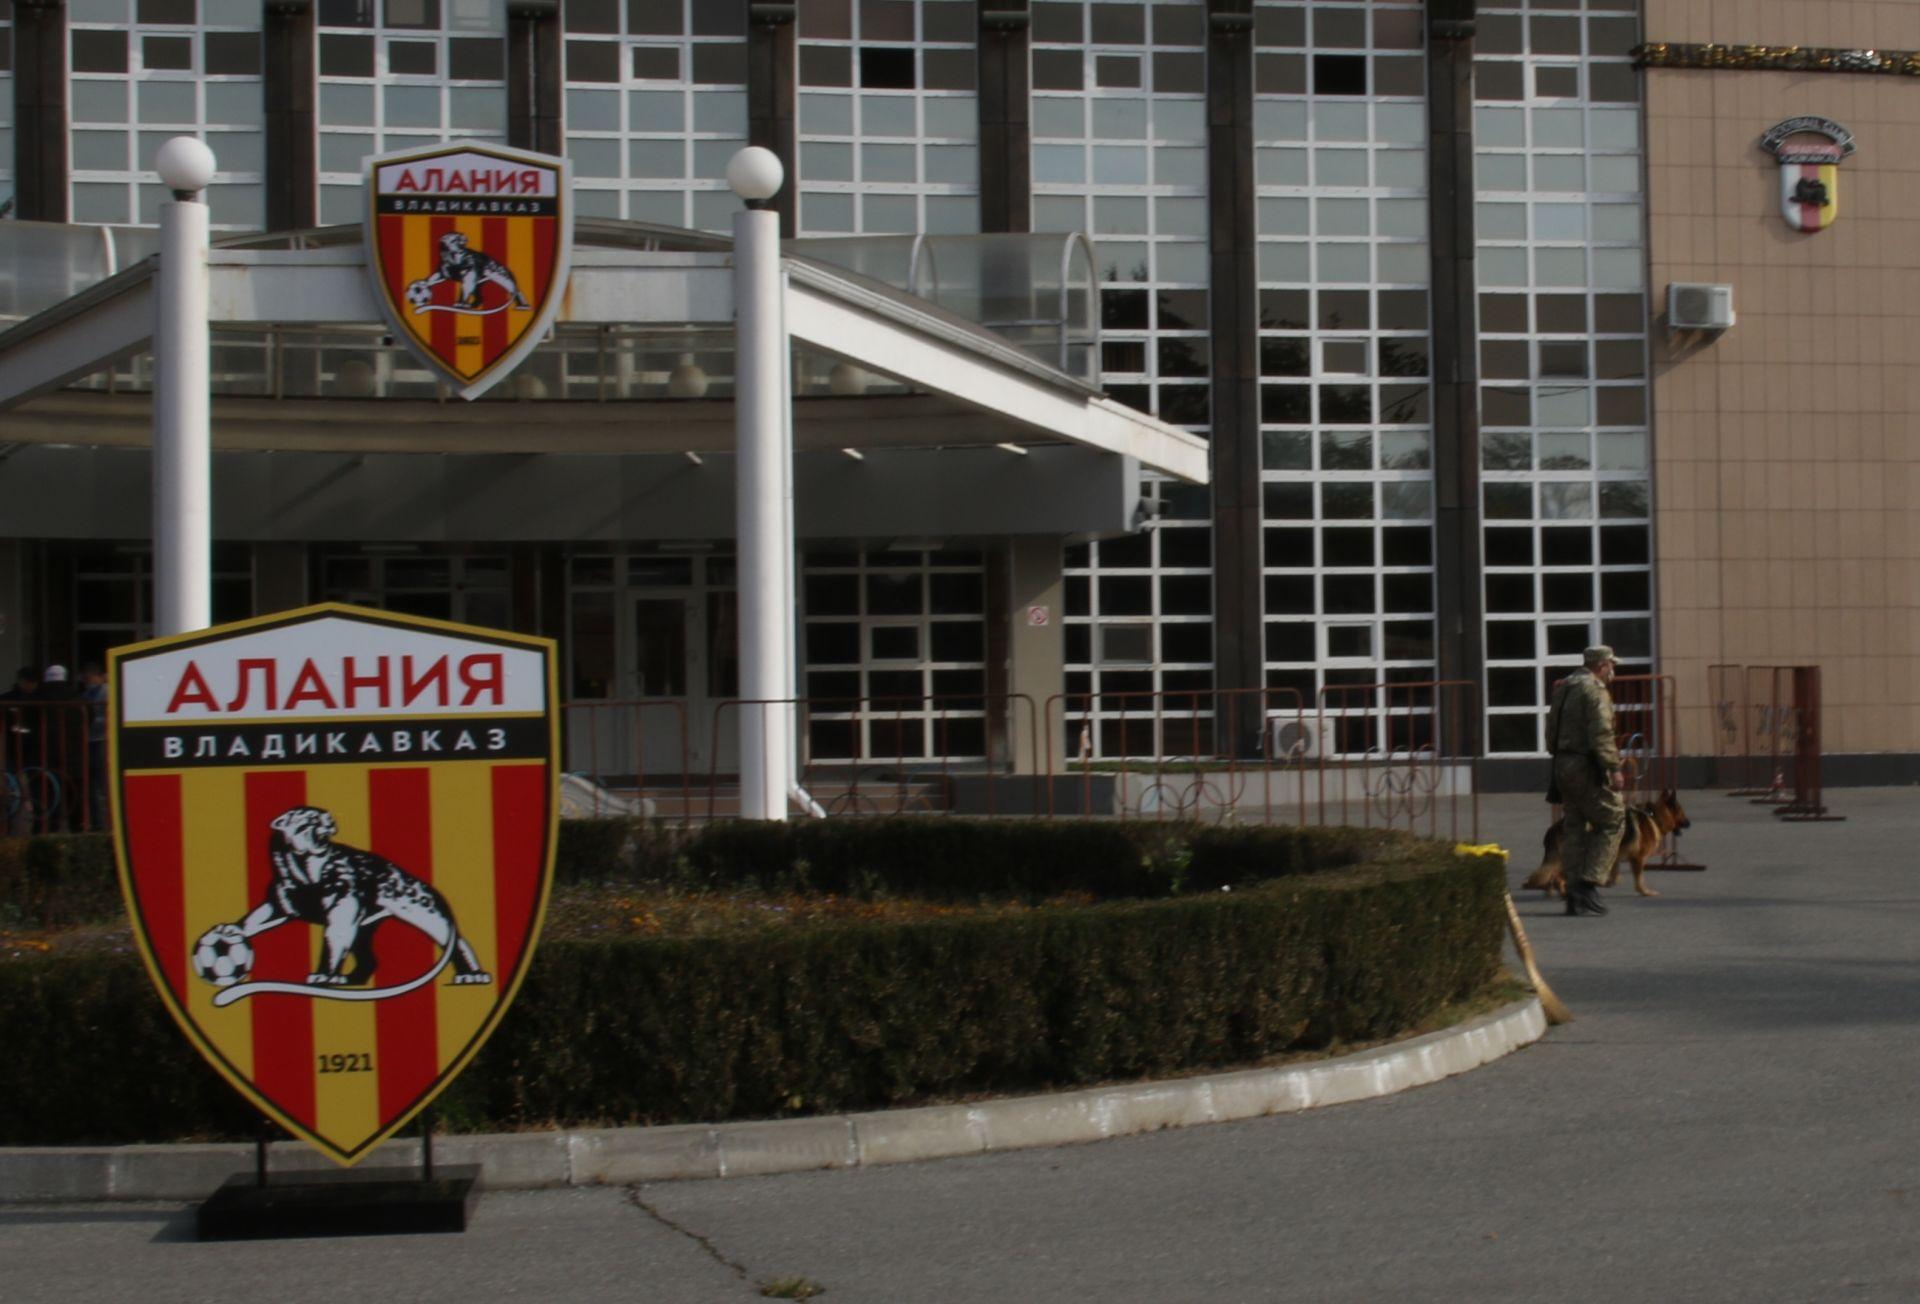 Росгвардия приняла участие в обеспечении правопорядка во время футбольного матча во Владикавказе